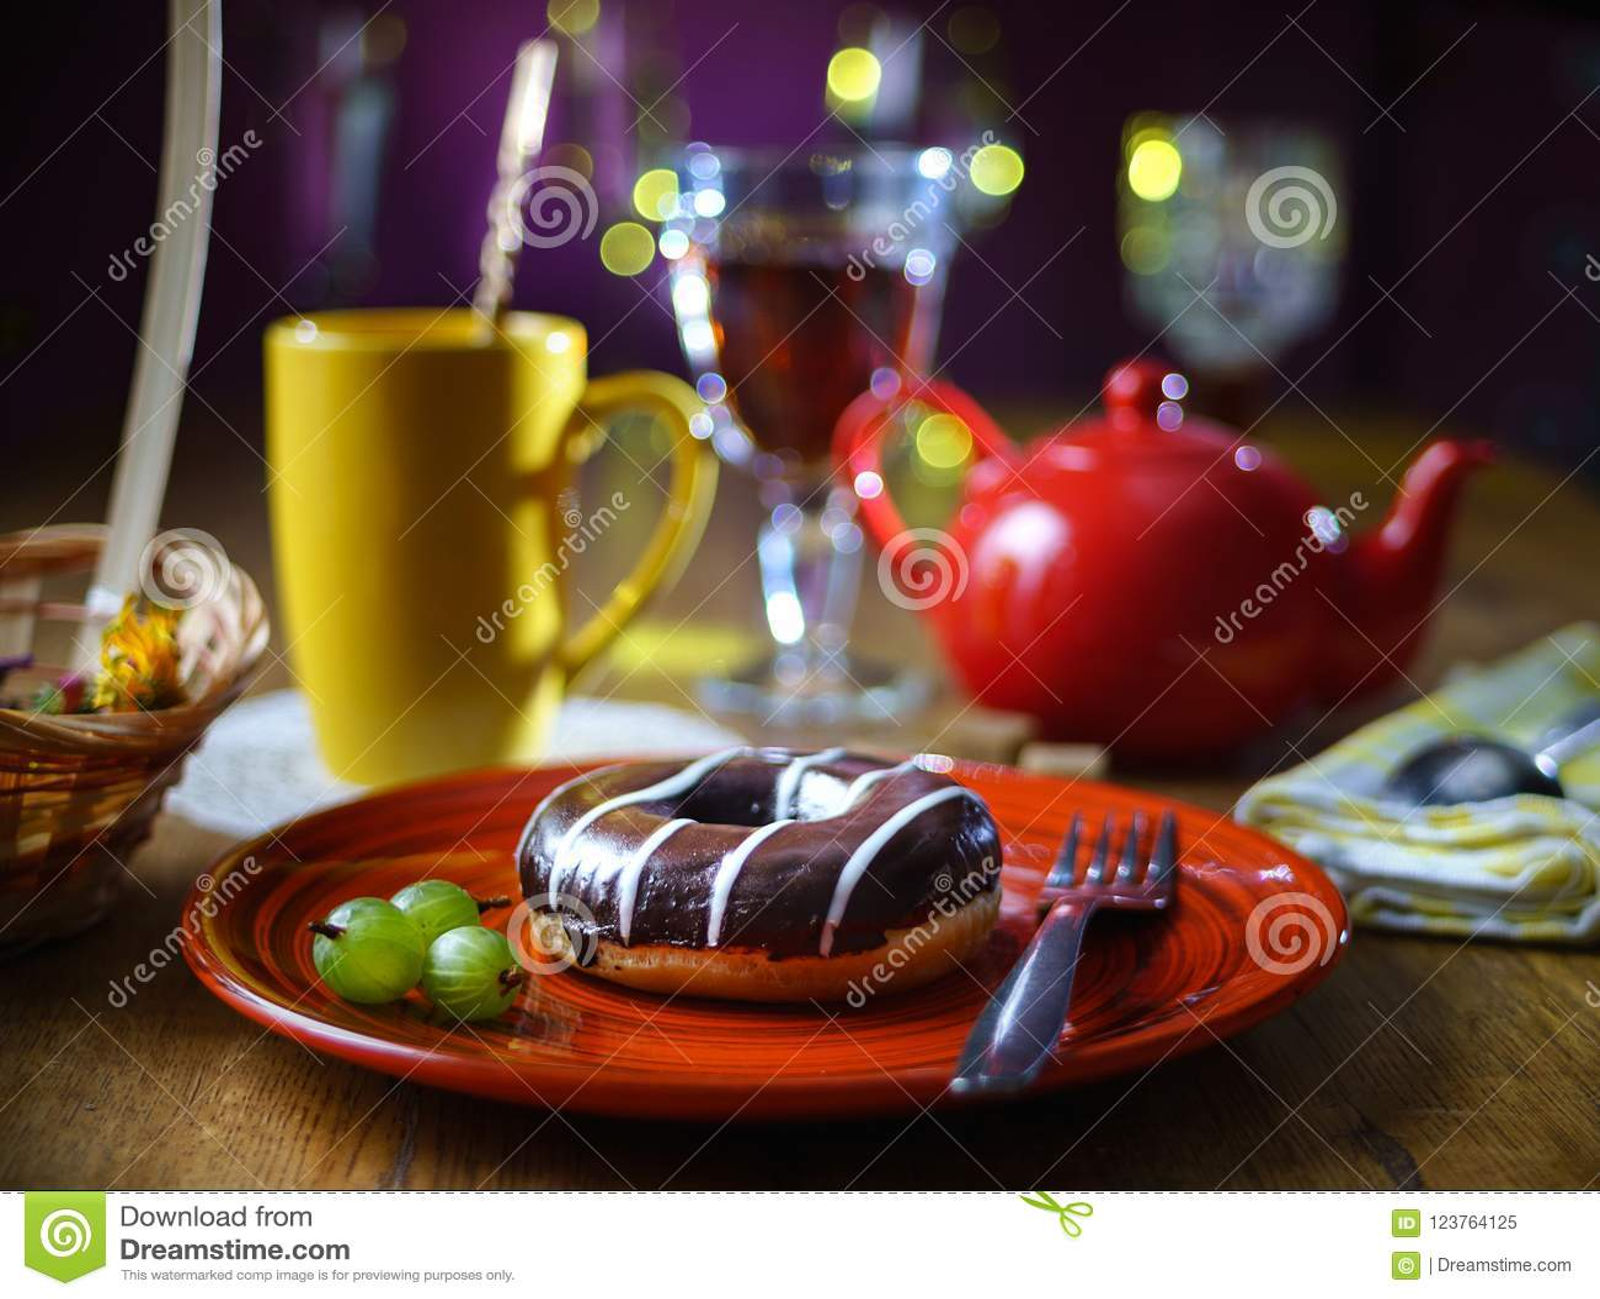 La vie toujours avec un beignet de chocolat d un plat fait main rouge, baies de groseille à maquereau, à l arrière-plan par tasse